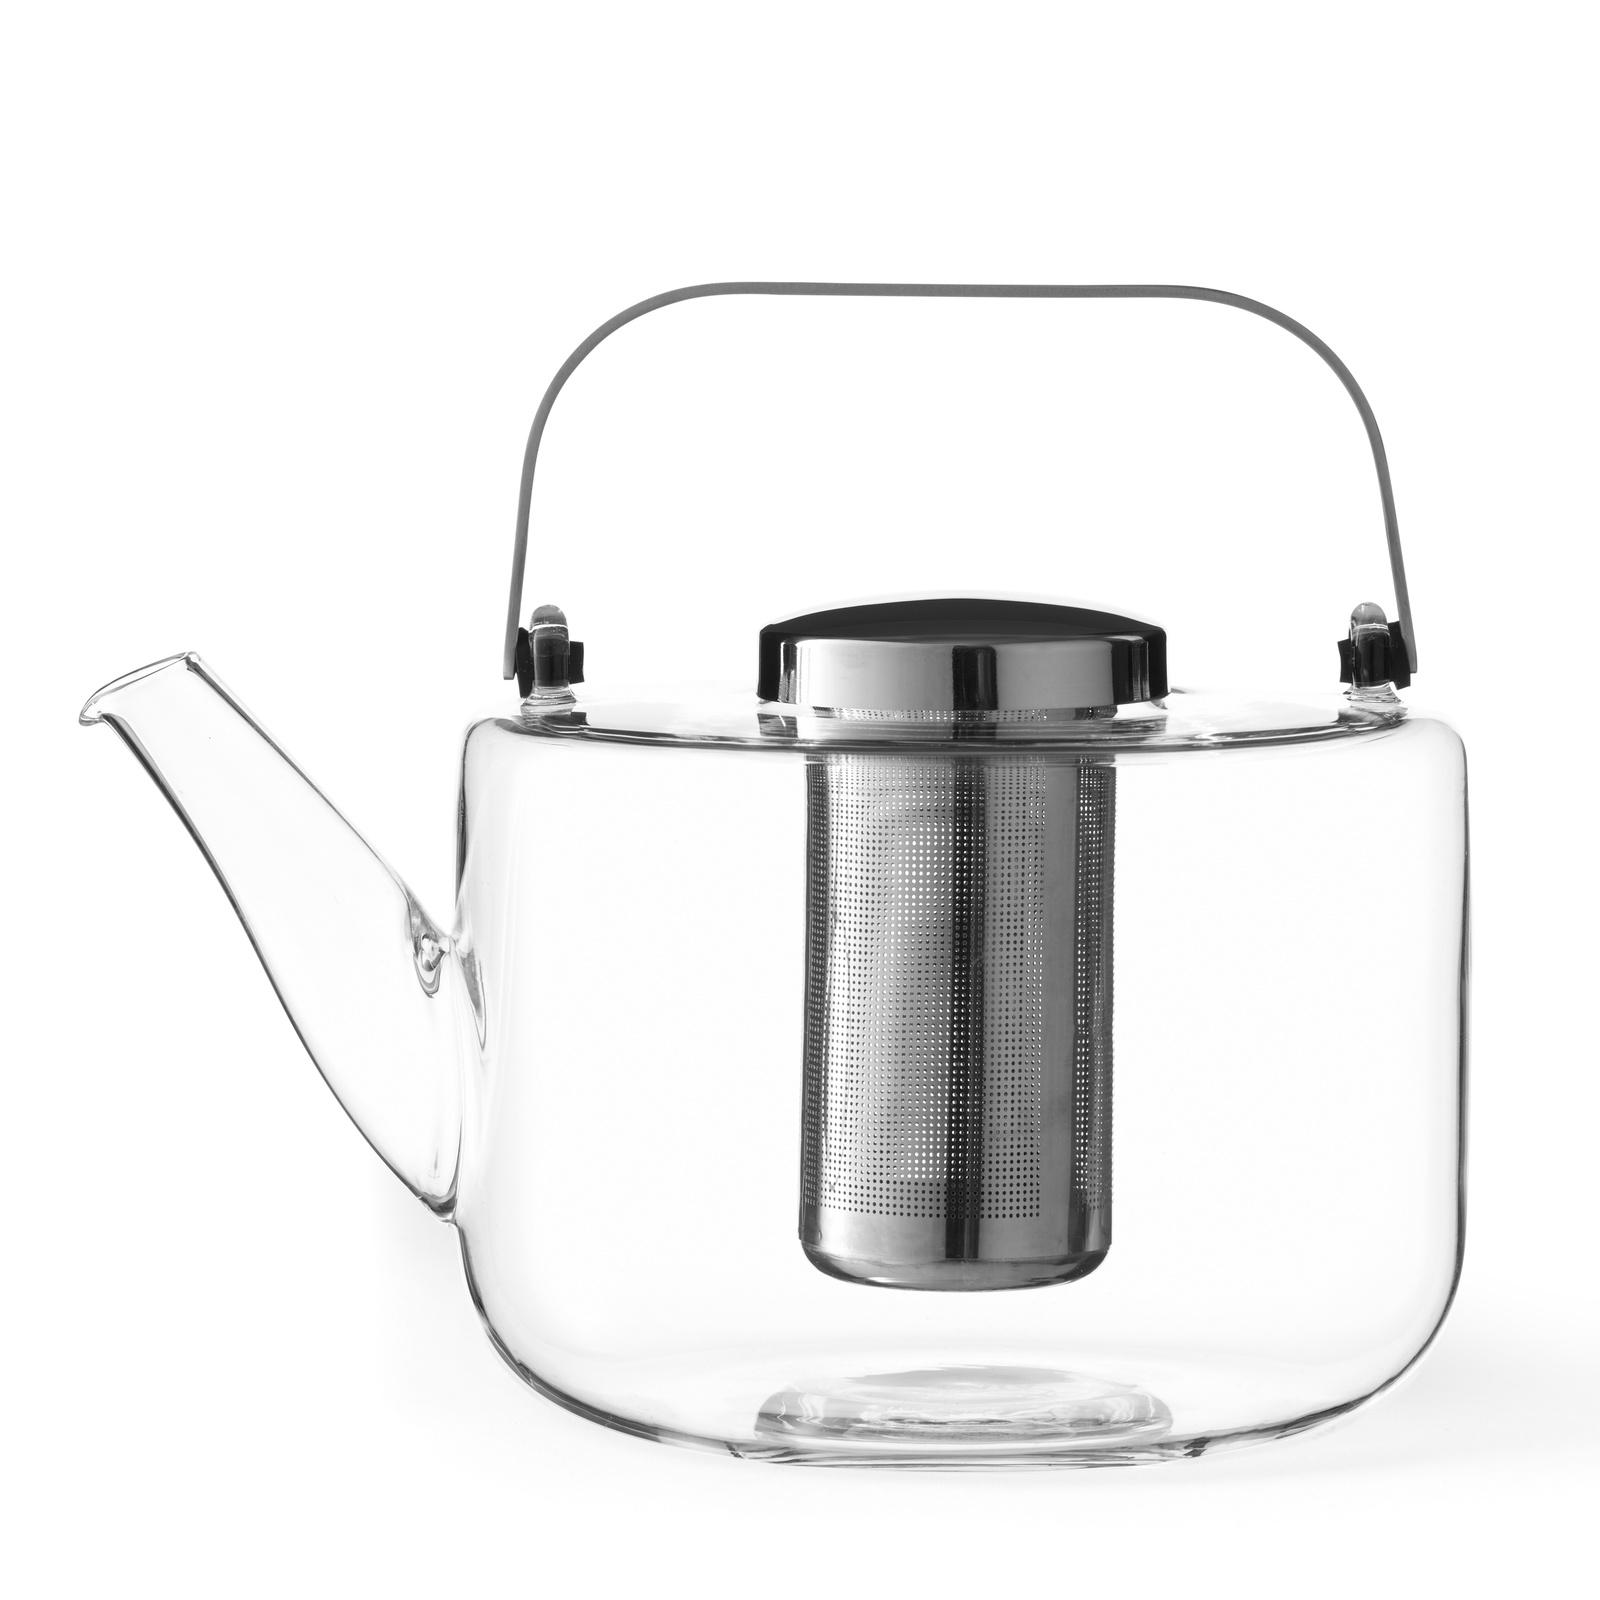 Чайник заварочный Viva scandinavia Bjorn с ситечком, V37901, 1,3 л цена 2017